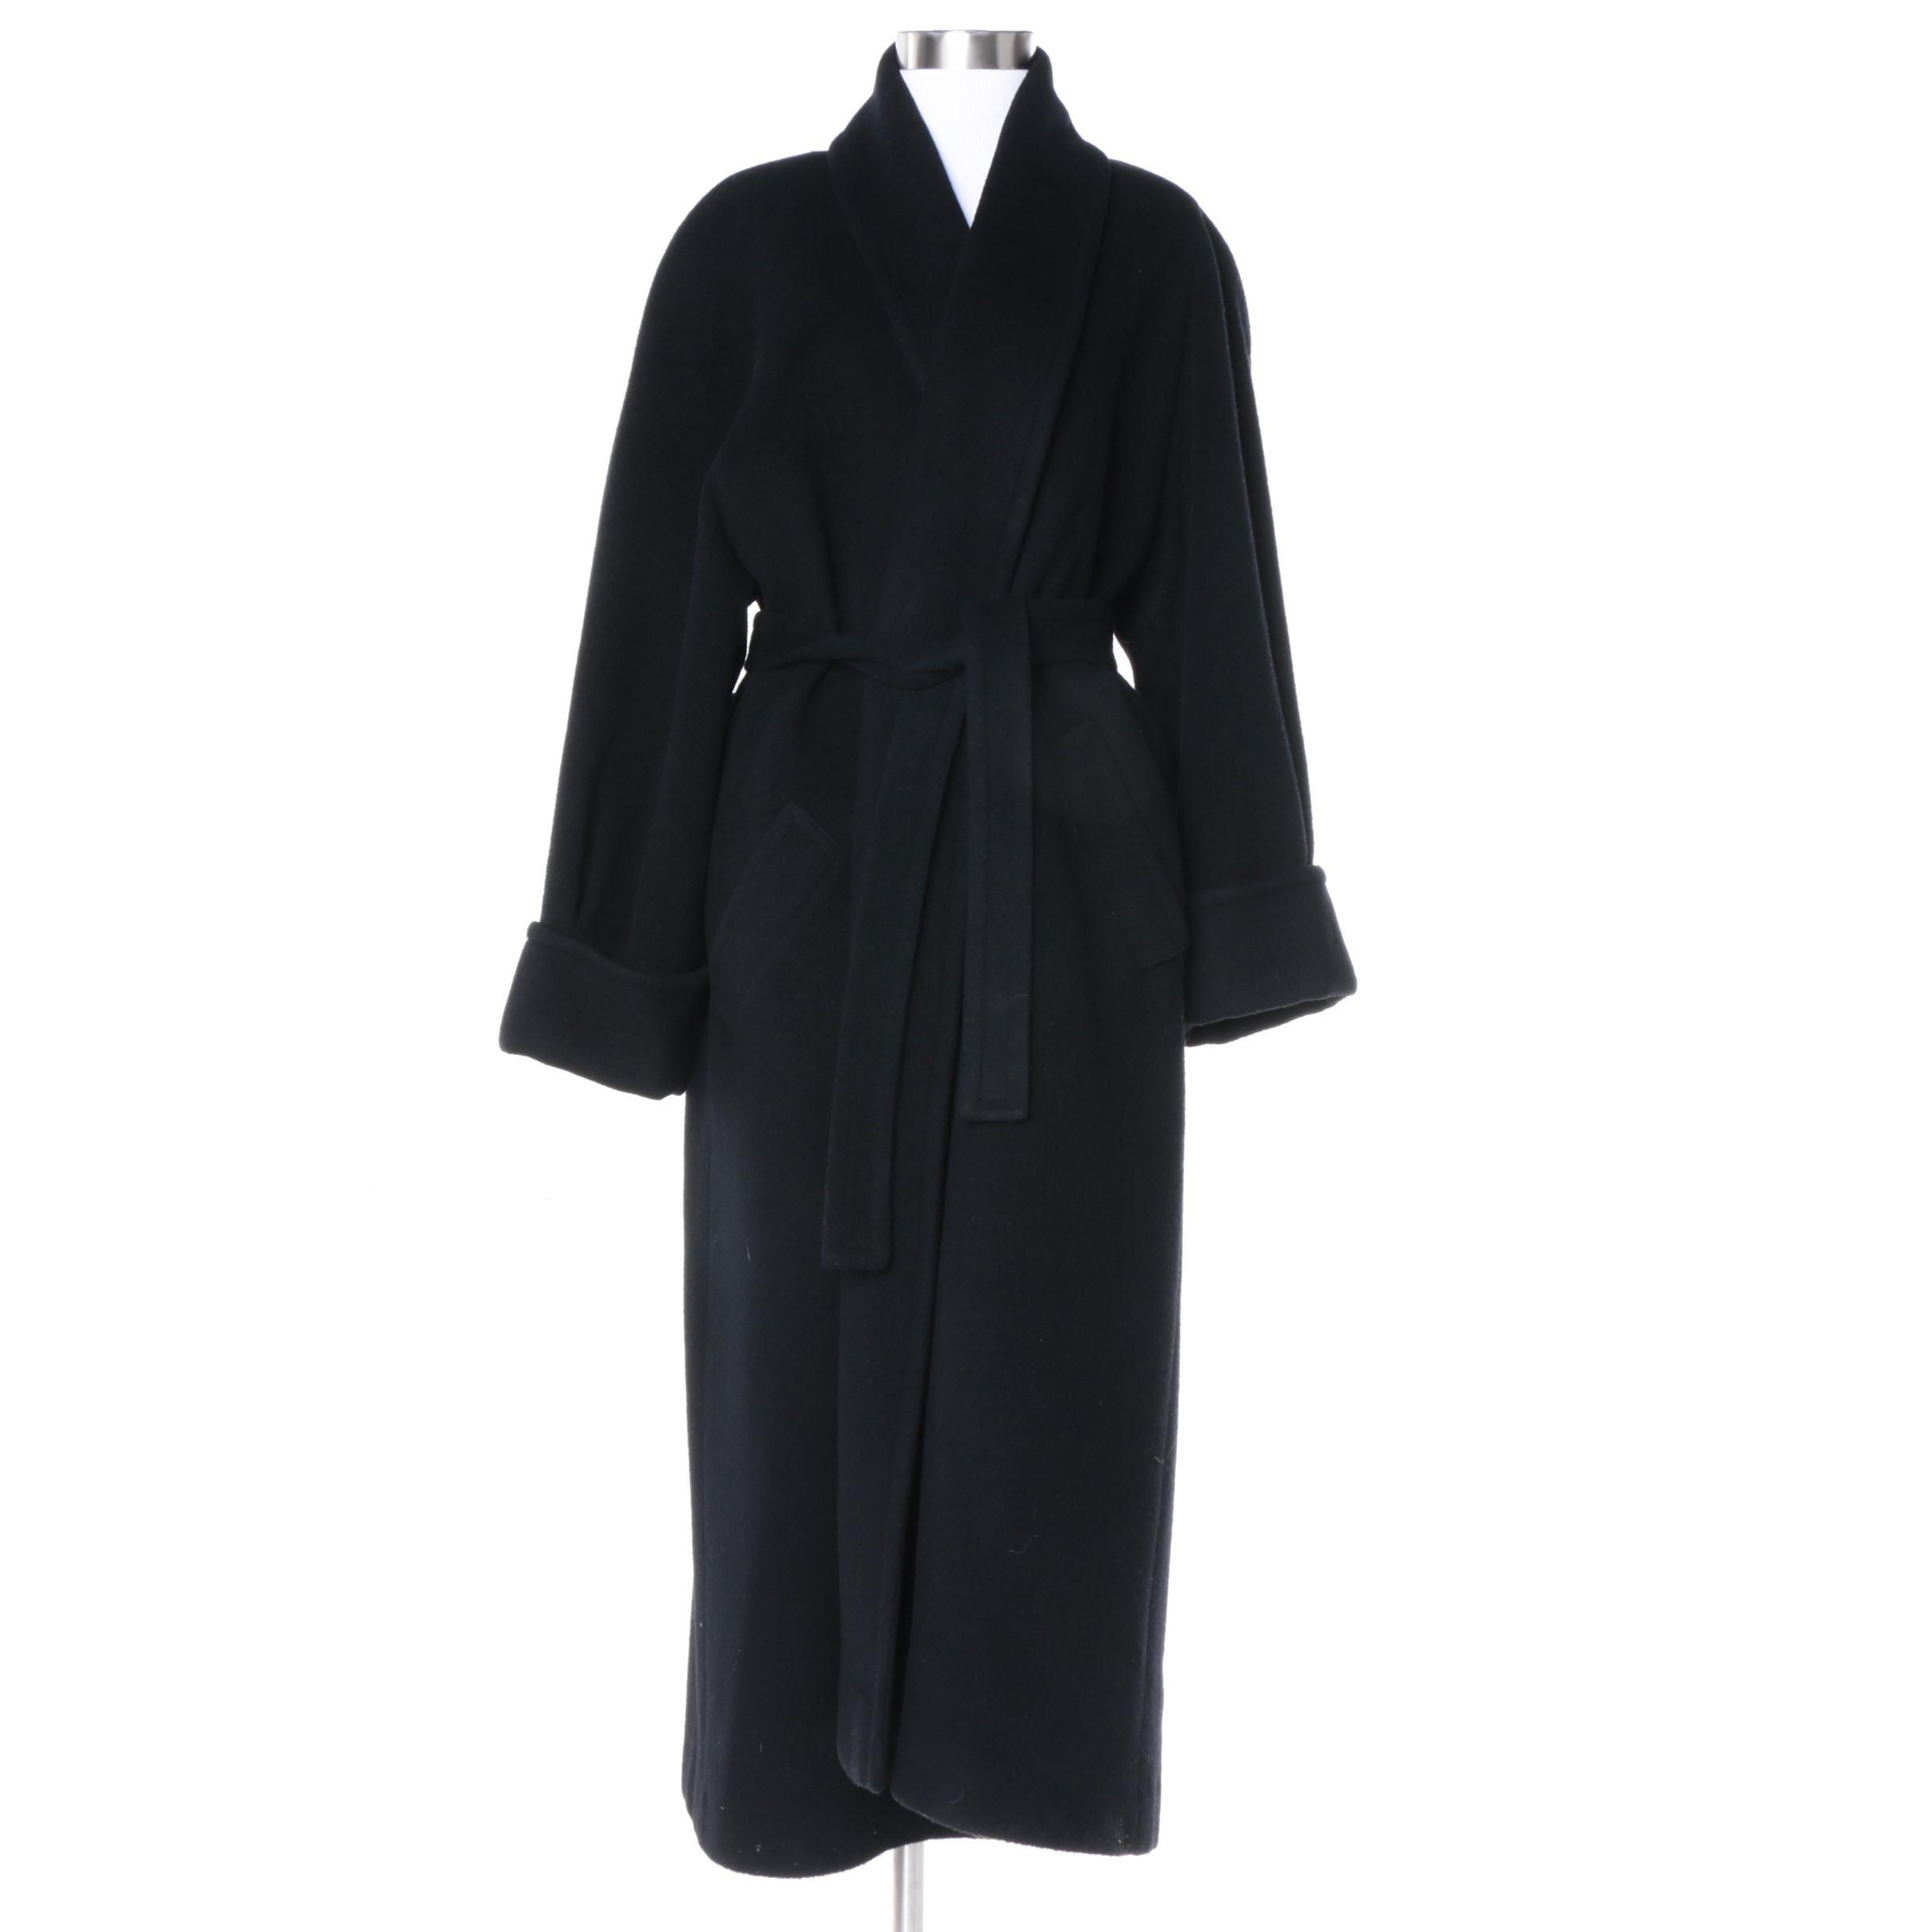 Vintage I. Magnin Black Cashmere Overcoat